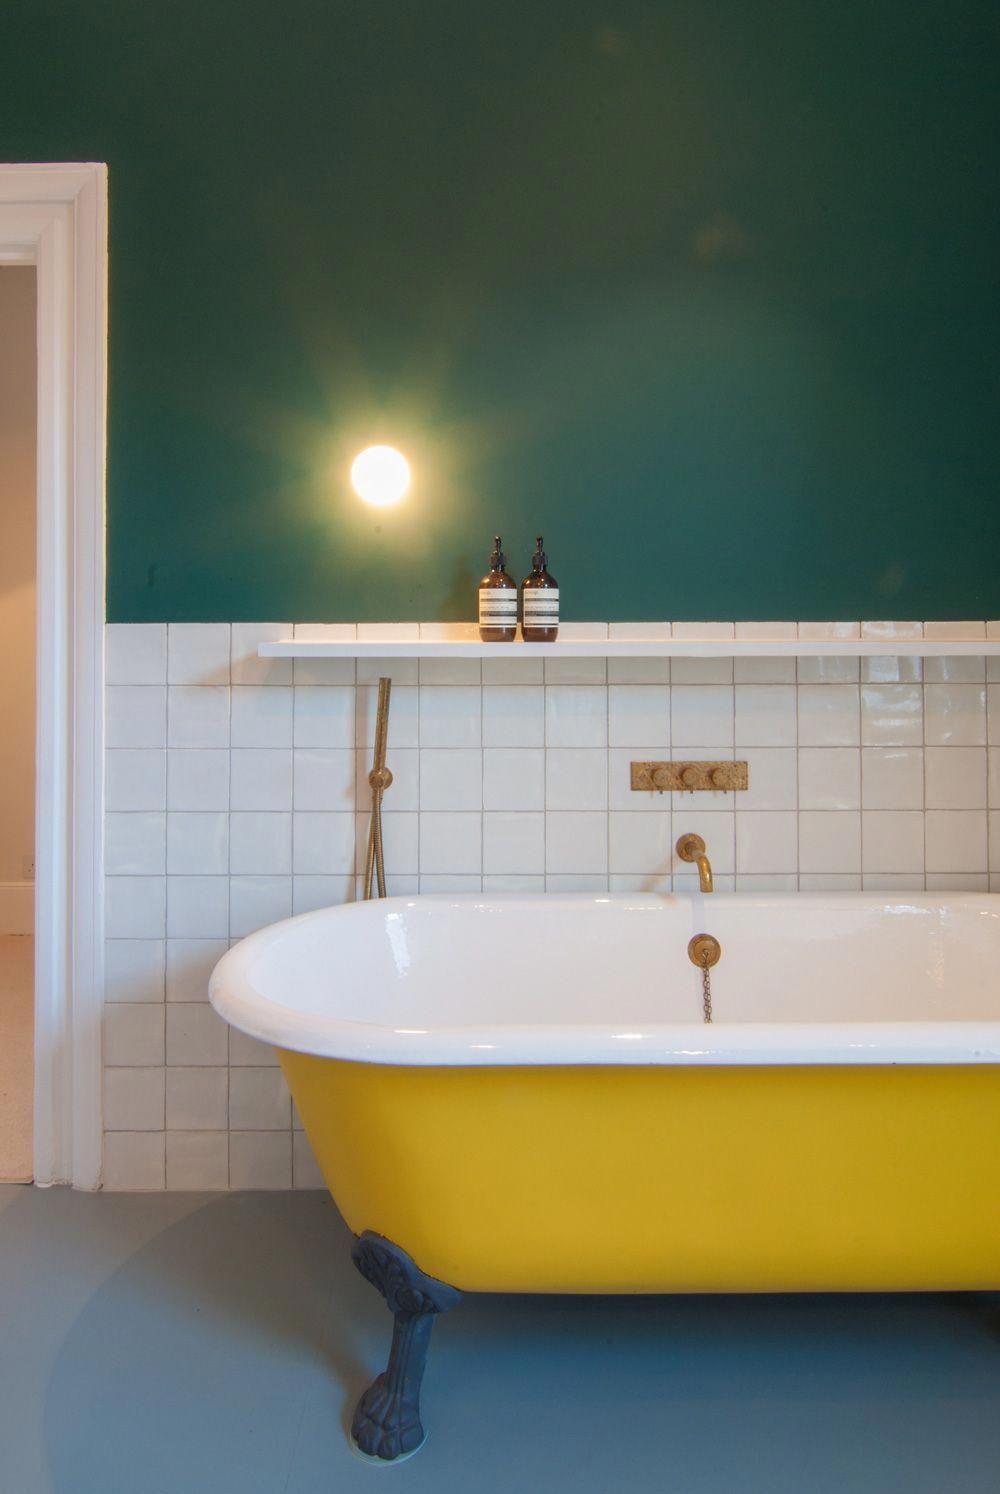 Sage Green Bathrooms Yellow Bathroom Decor Yellow Bathrooms Teal Bathroom